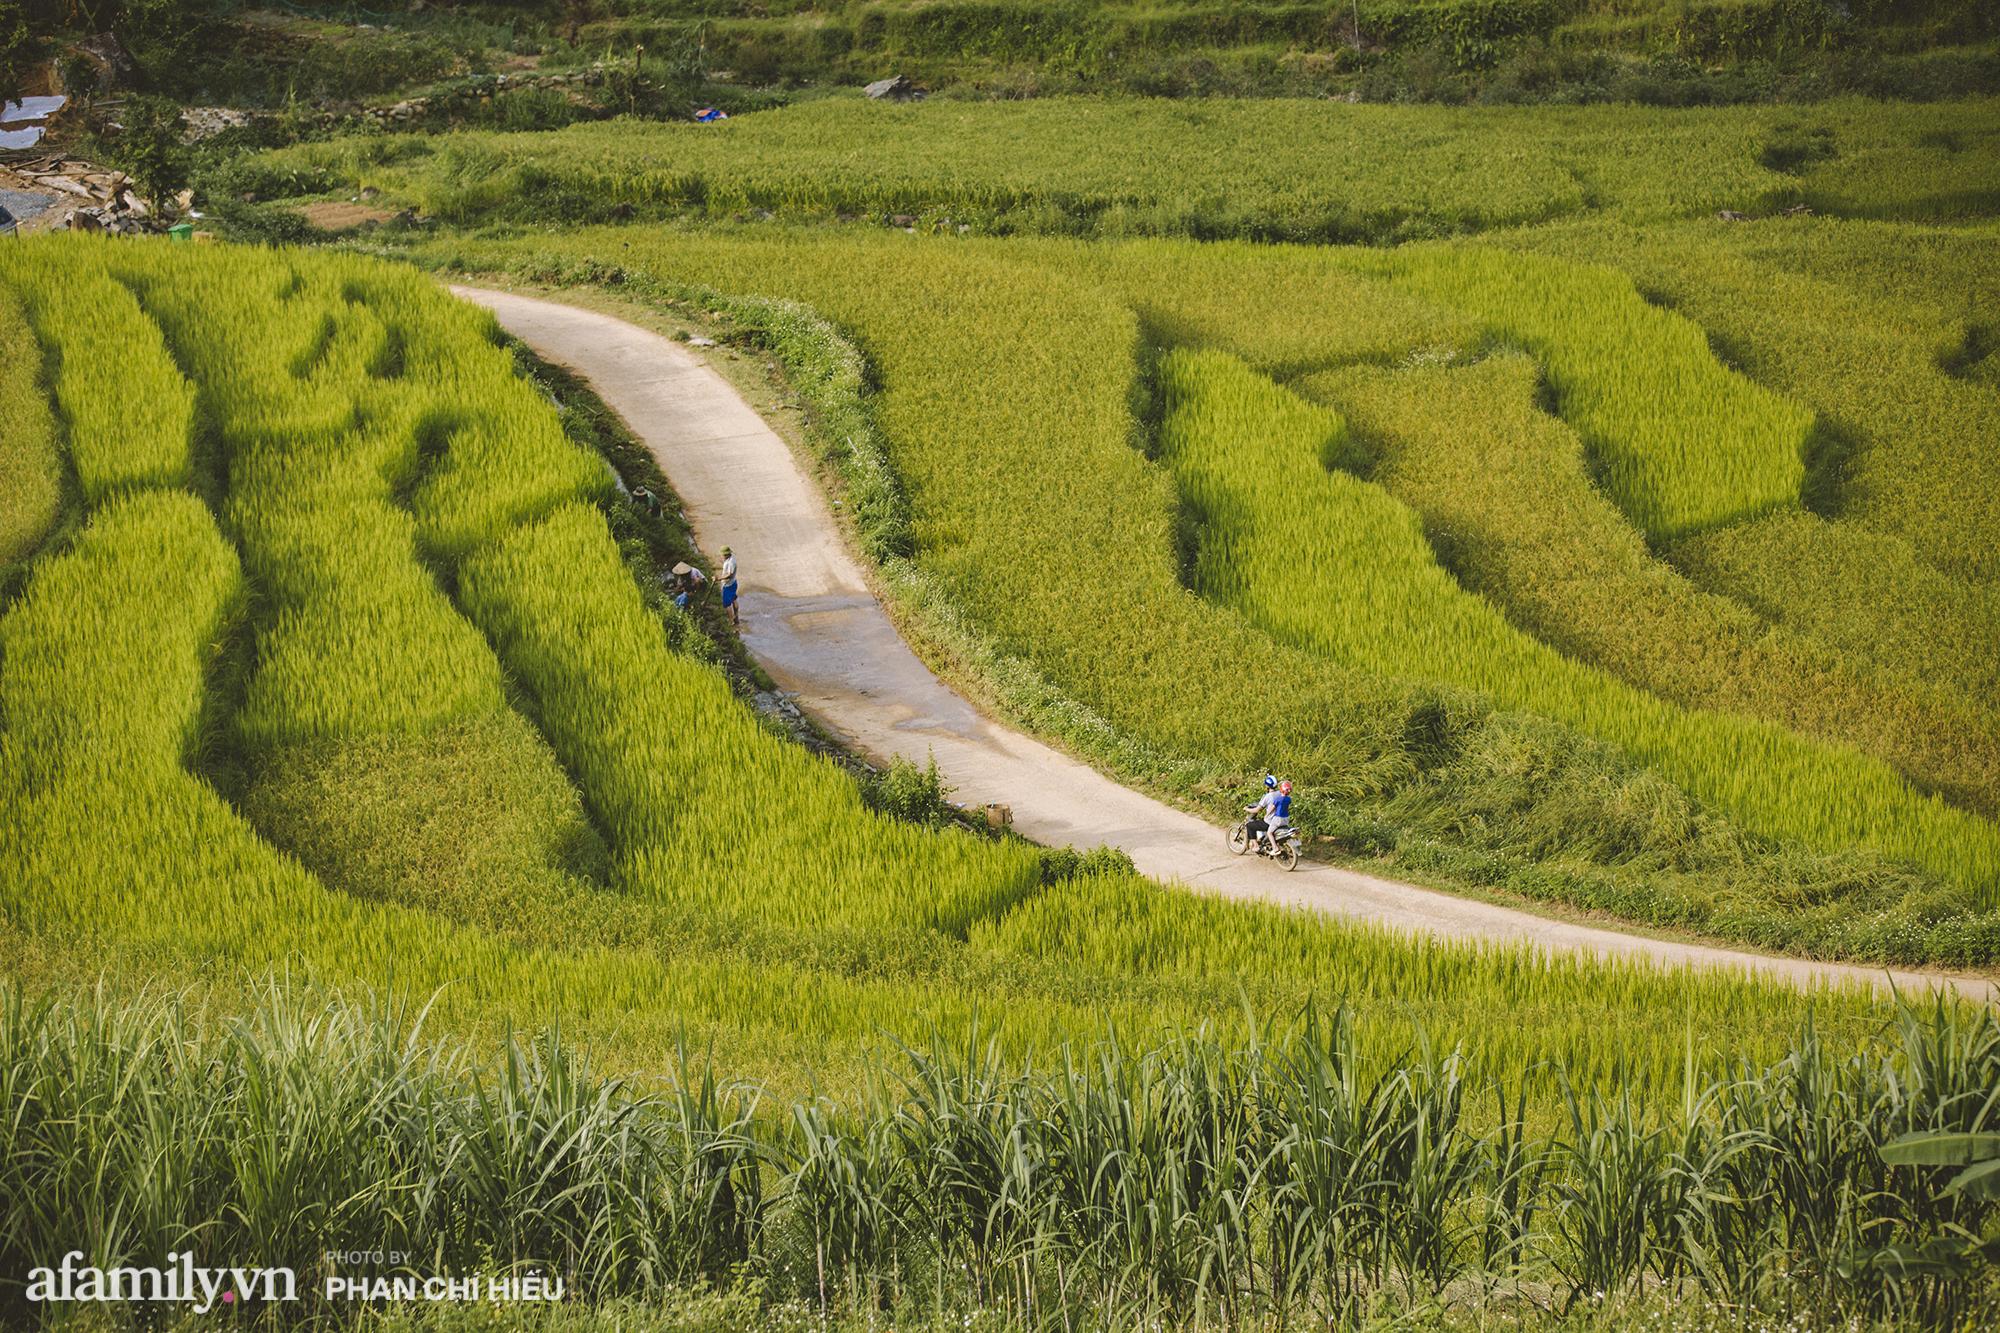 Đến với Pù Luông đâu chỉ để săn mùa lúa chín, mà còn là những trải nghiệm cực kỳ thú vị không phải nơi vùng cao nào cũng có - Ảnh 2.